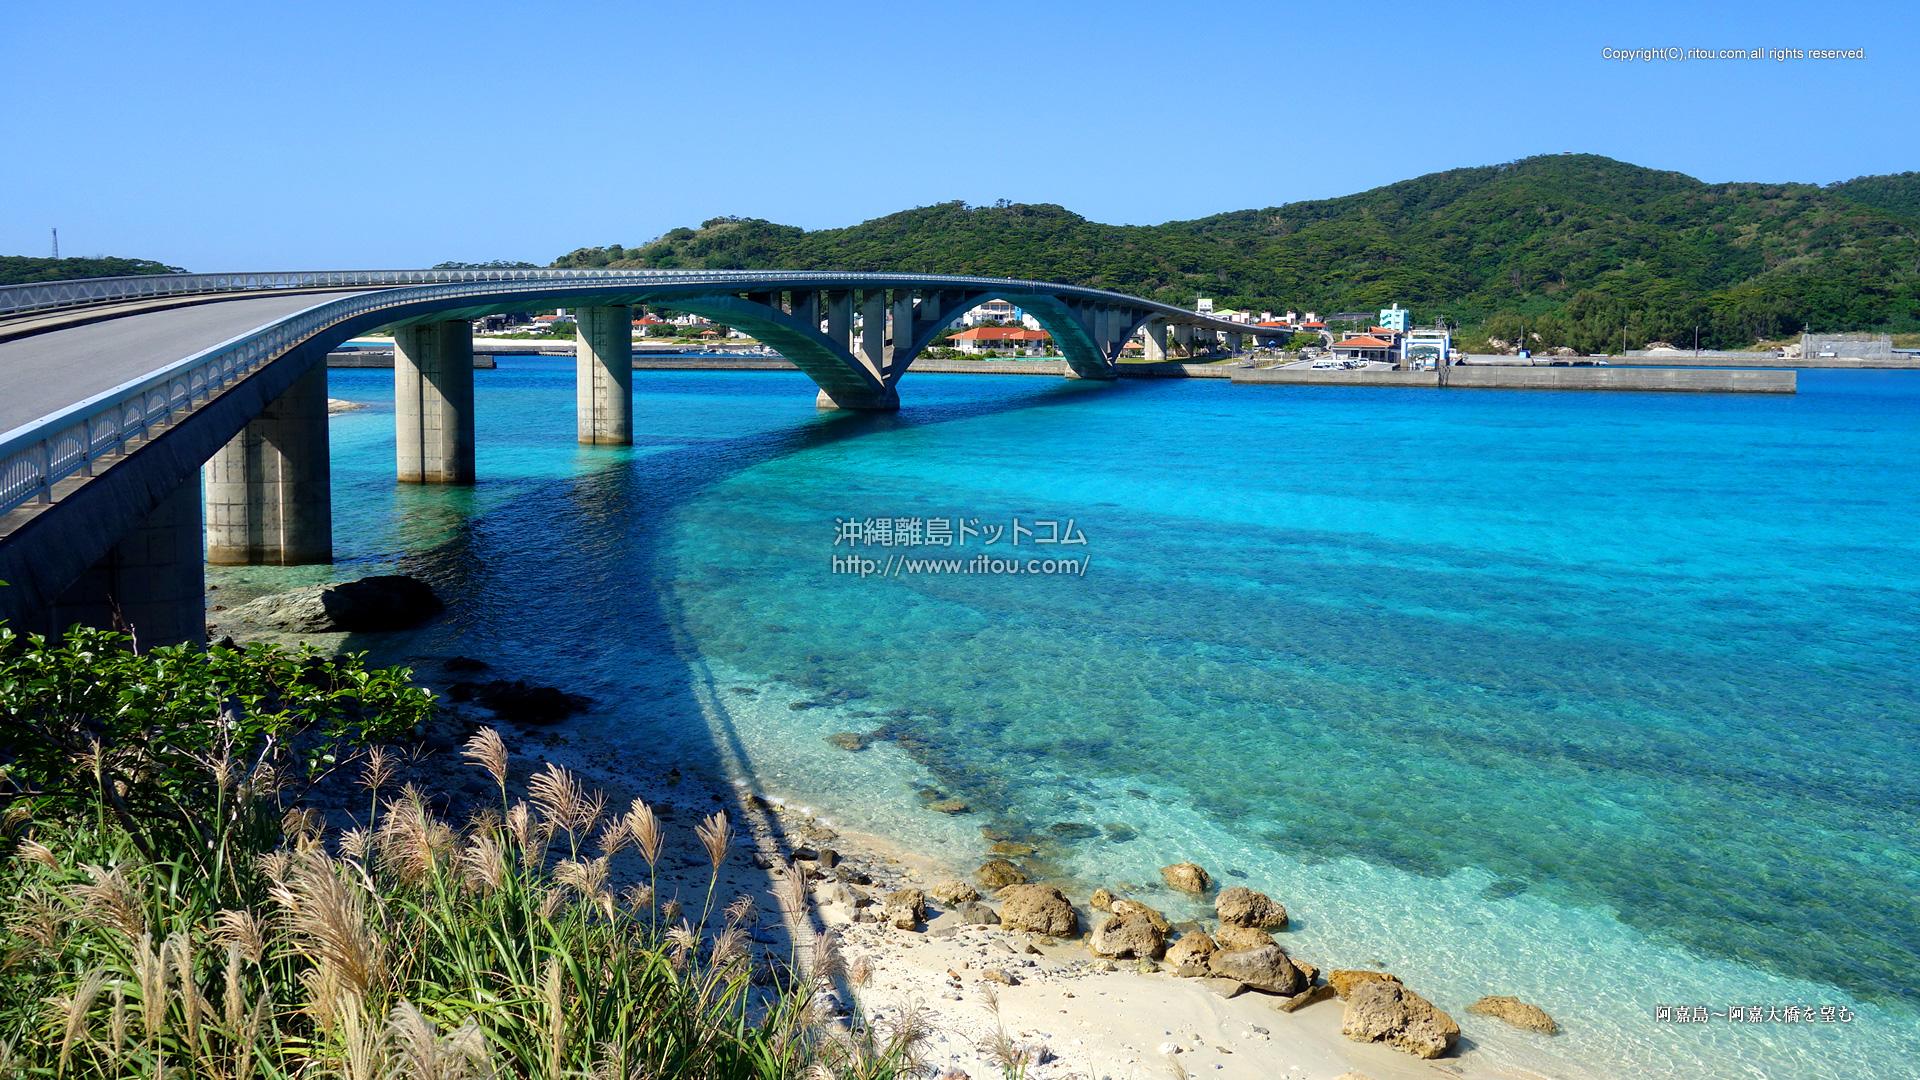 阿嘉島〜阿嘉大橋を望む